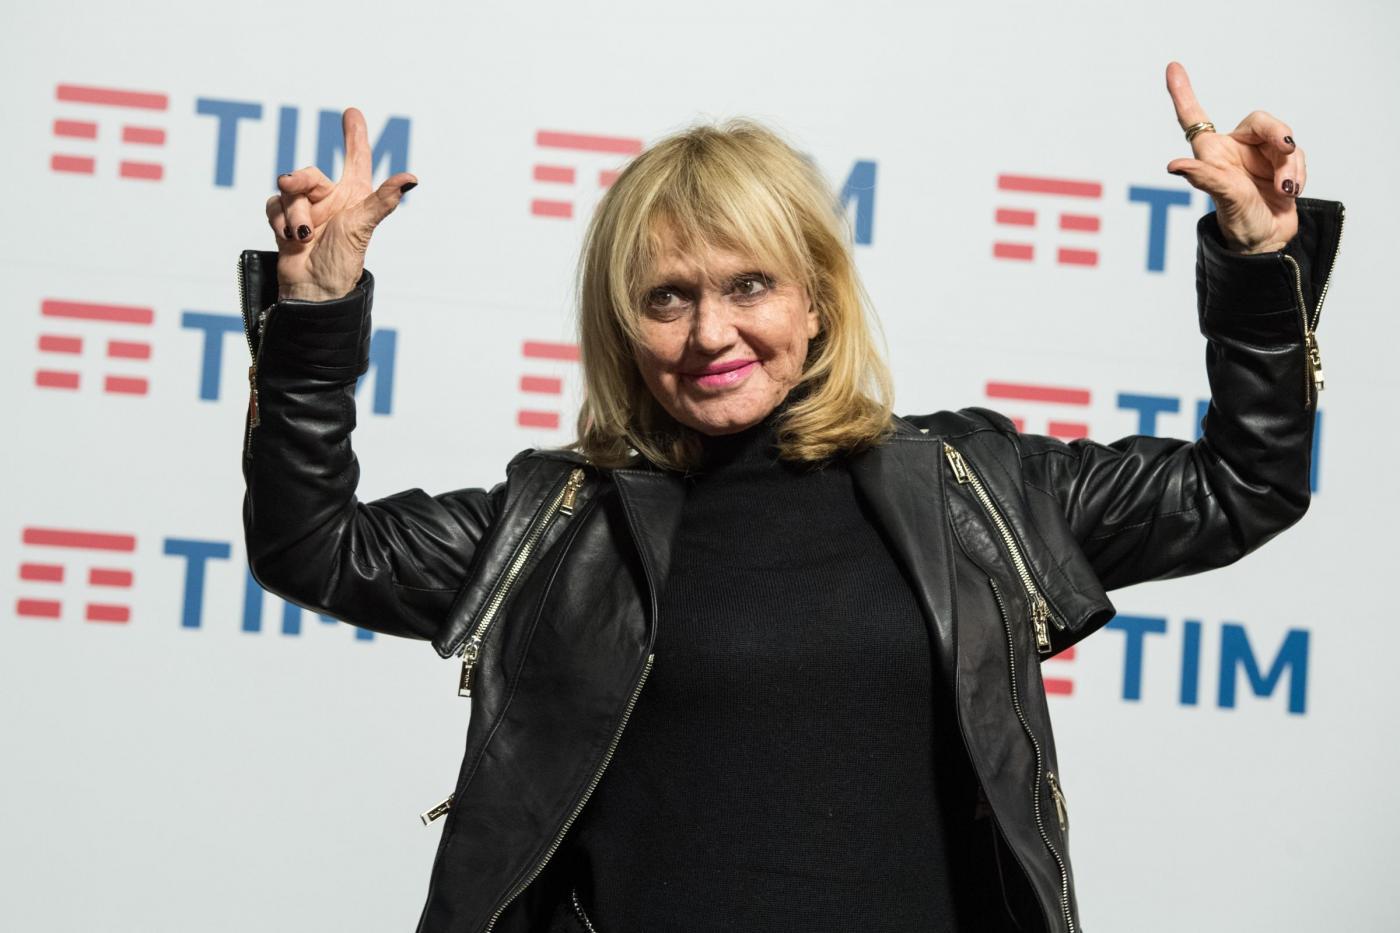 Festival di Sanremo 2017: Rita Pavone riceve il Premio alla Carriera